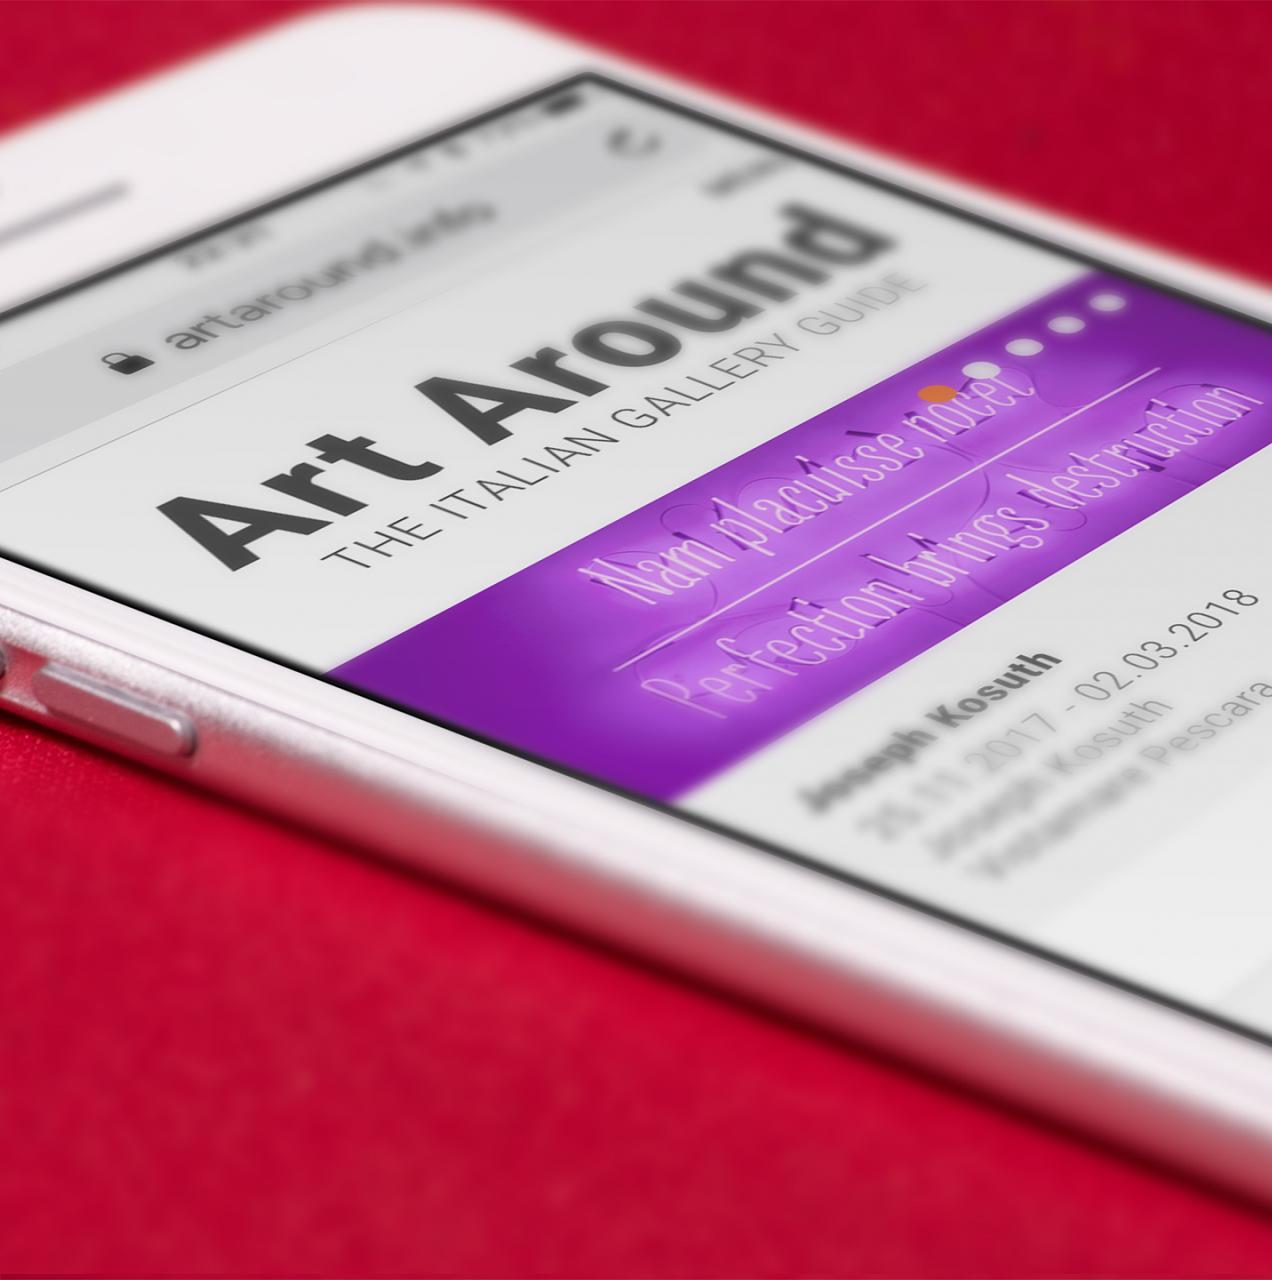 Nasce ArtAround.info, la prima piattaforma dedicata alle gallerie italiane.